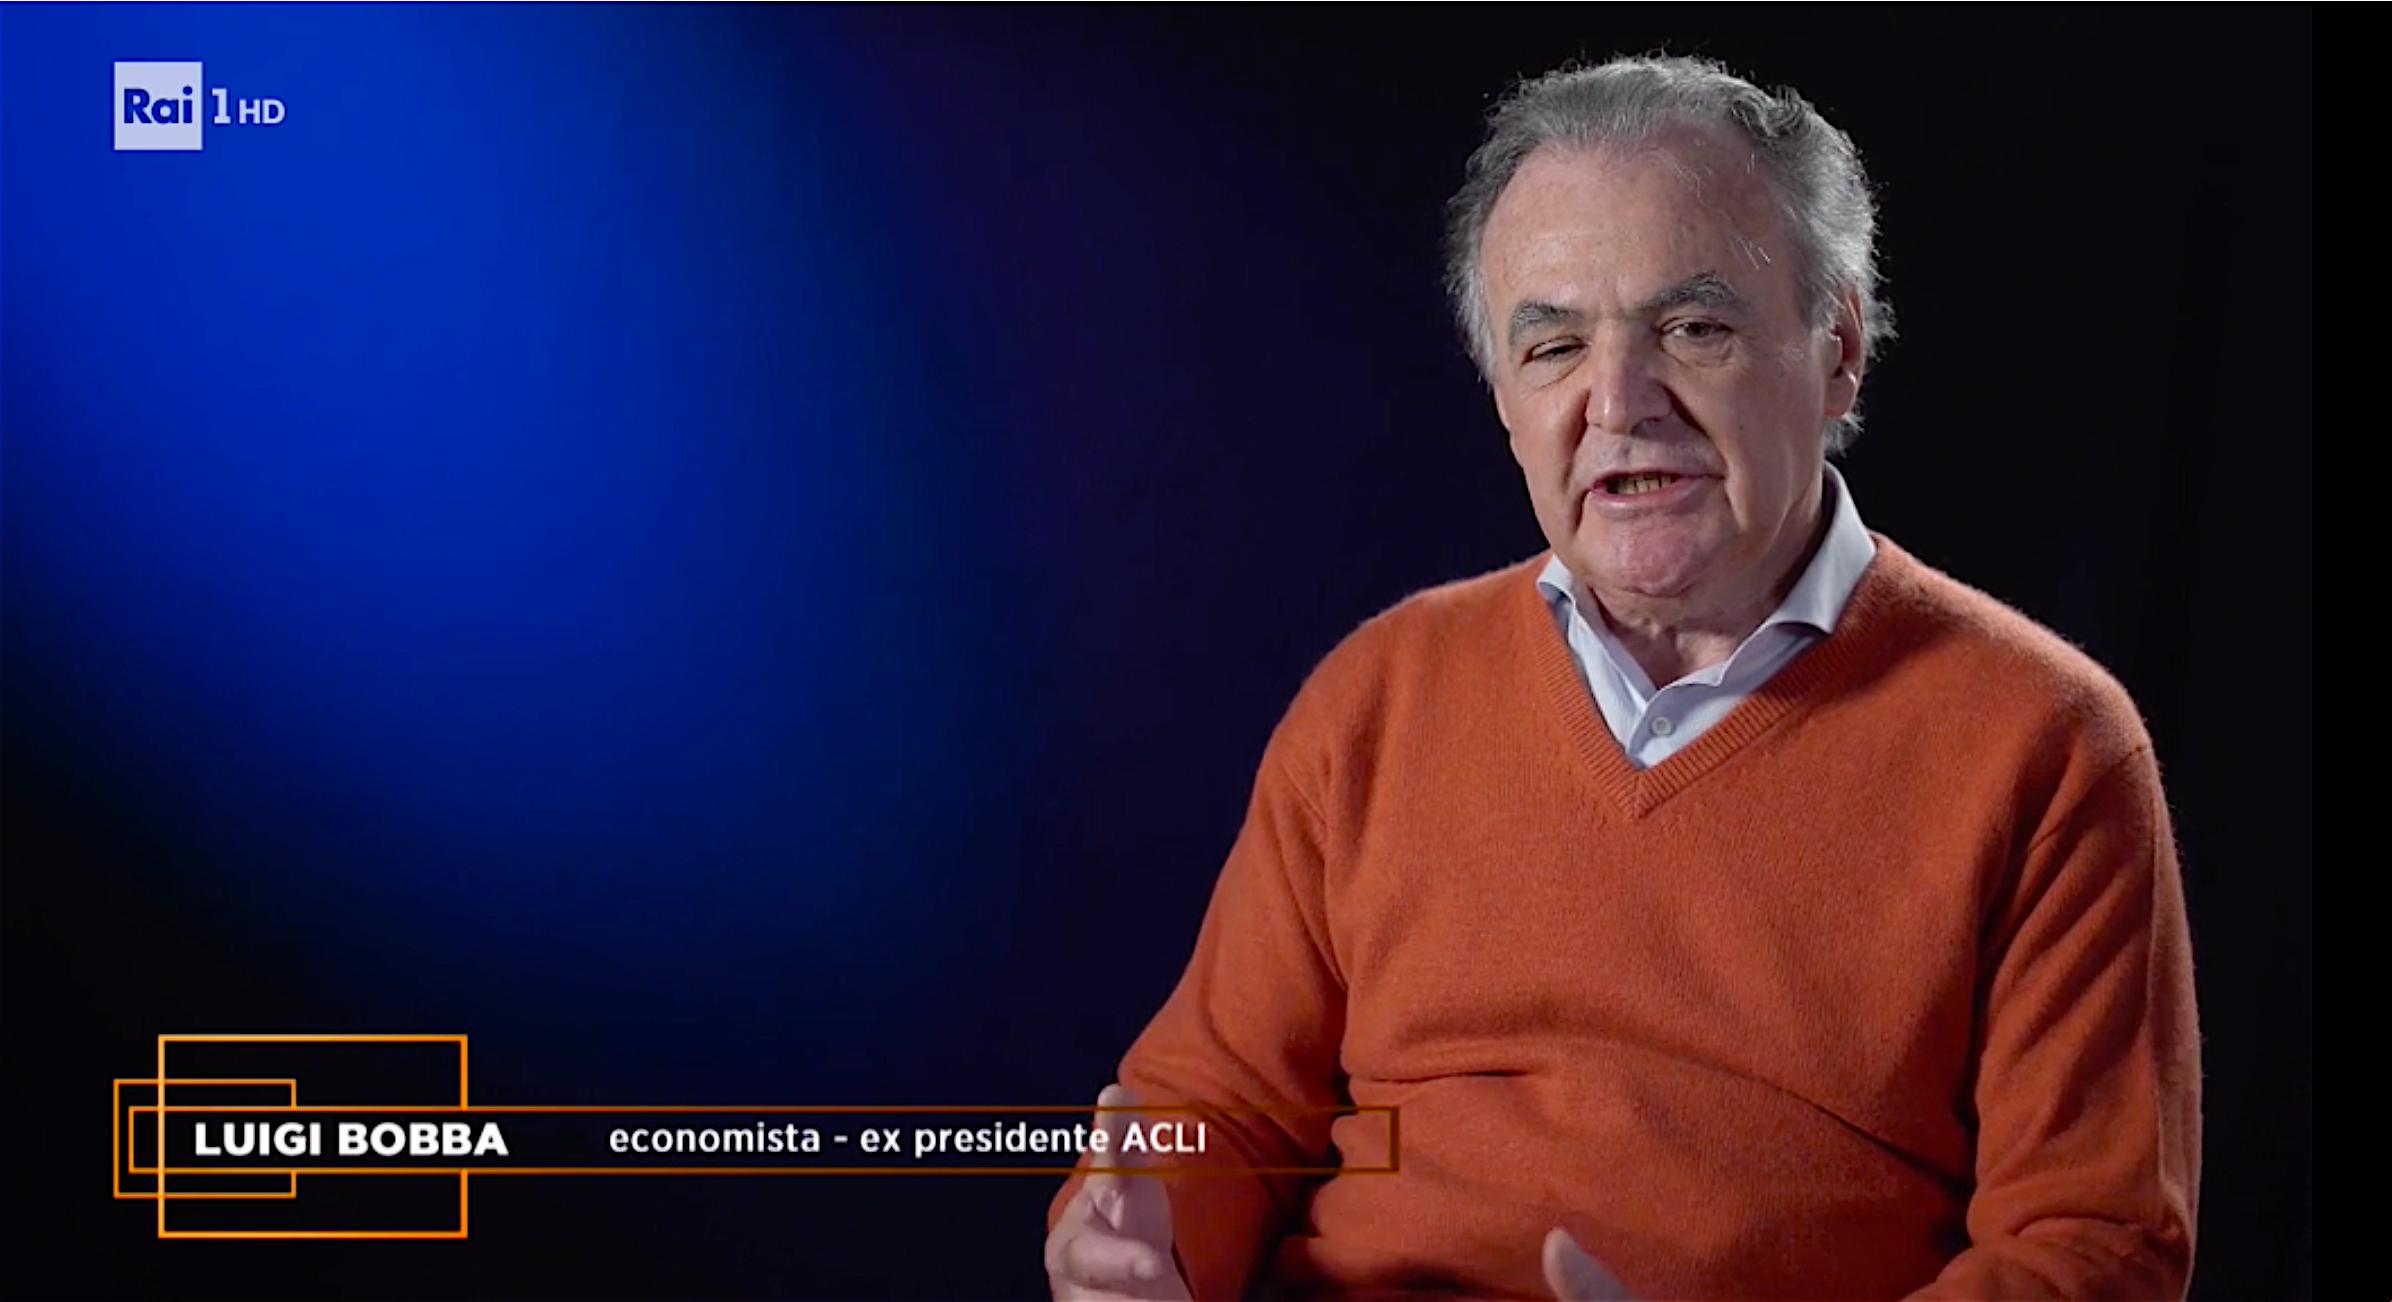 """Frontiere: """"Che fare?"""". Luigi Bobba ospite di Franco Di Mare a RaiPlay"""